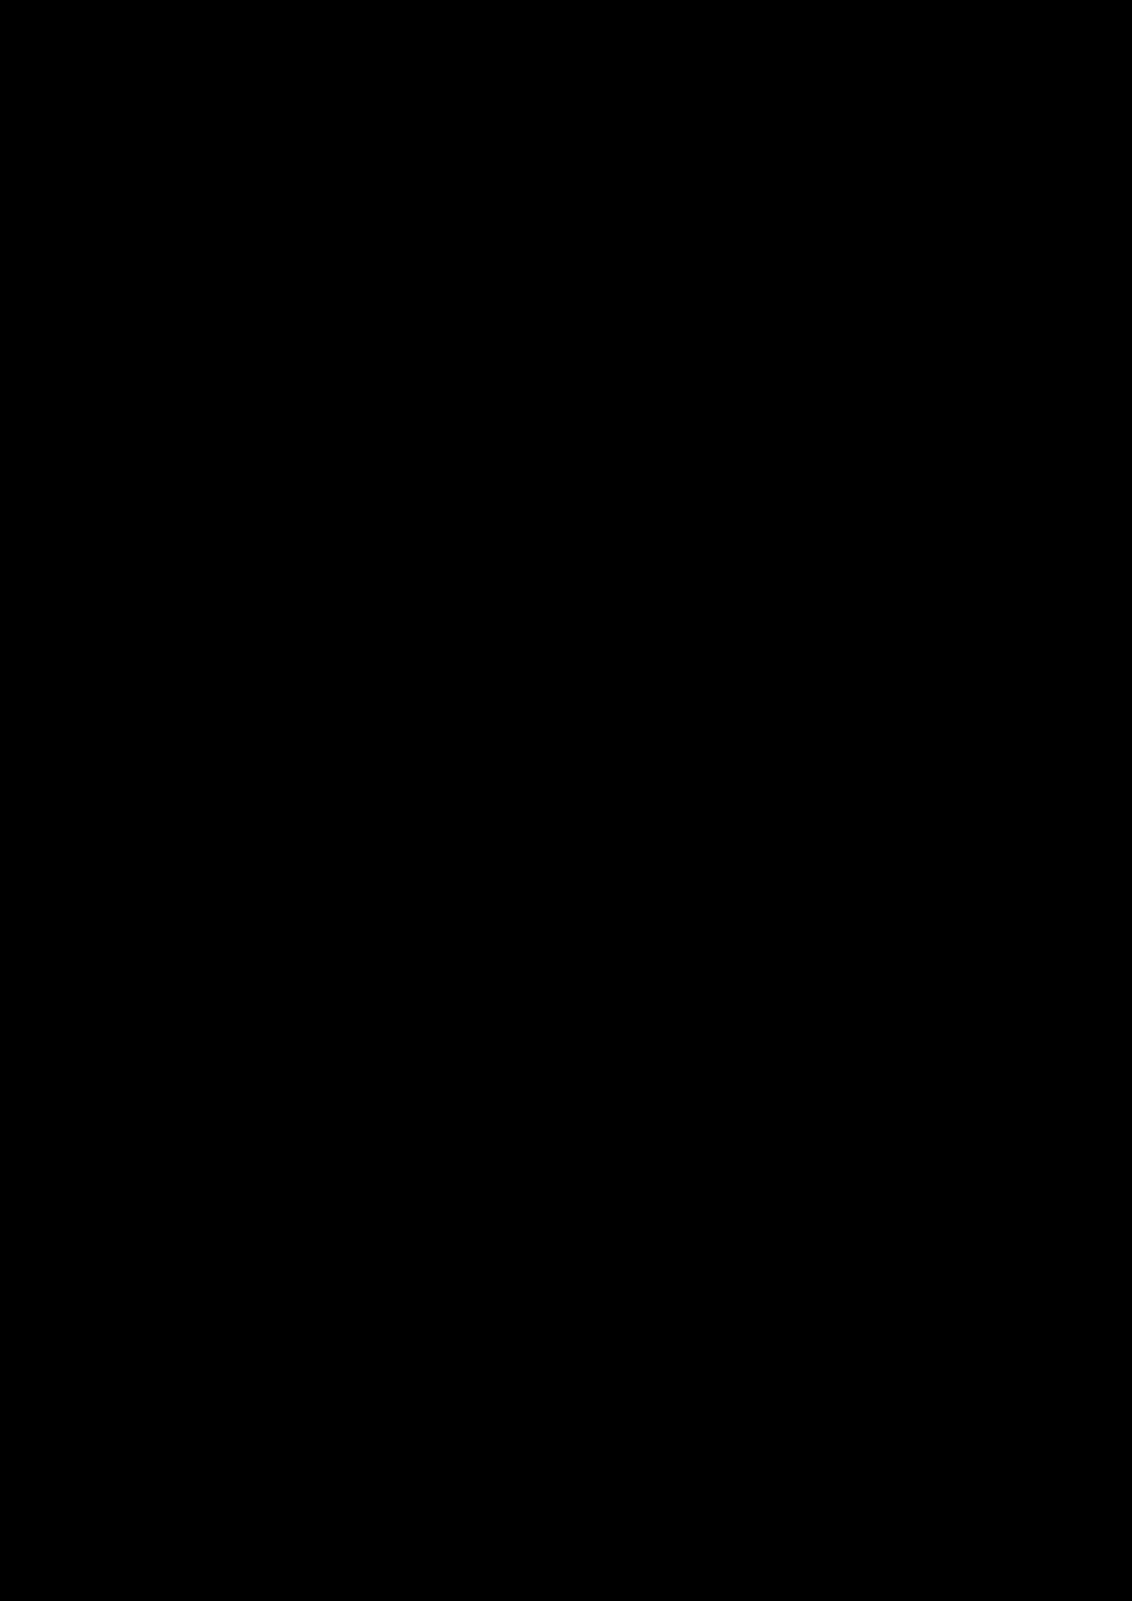 Proschanie s volshebnoy stranoy slide, Image 85